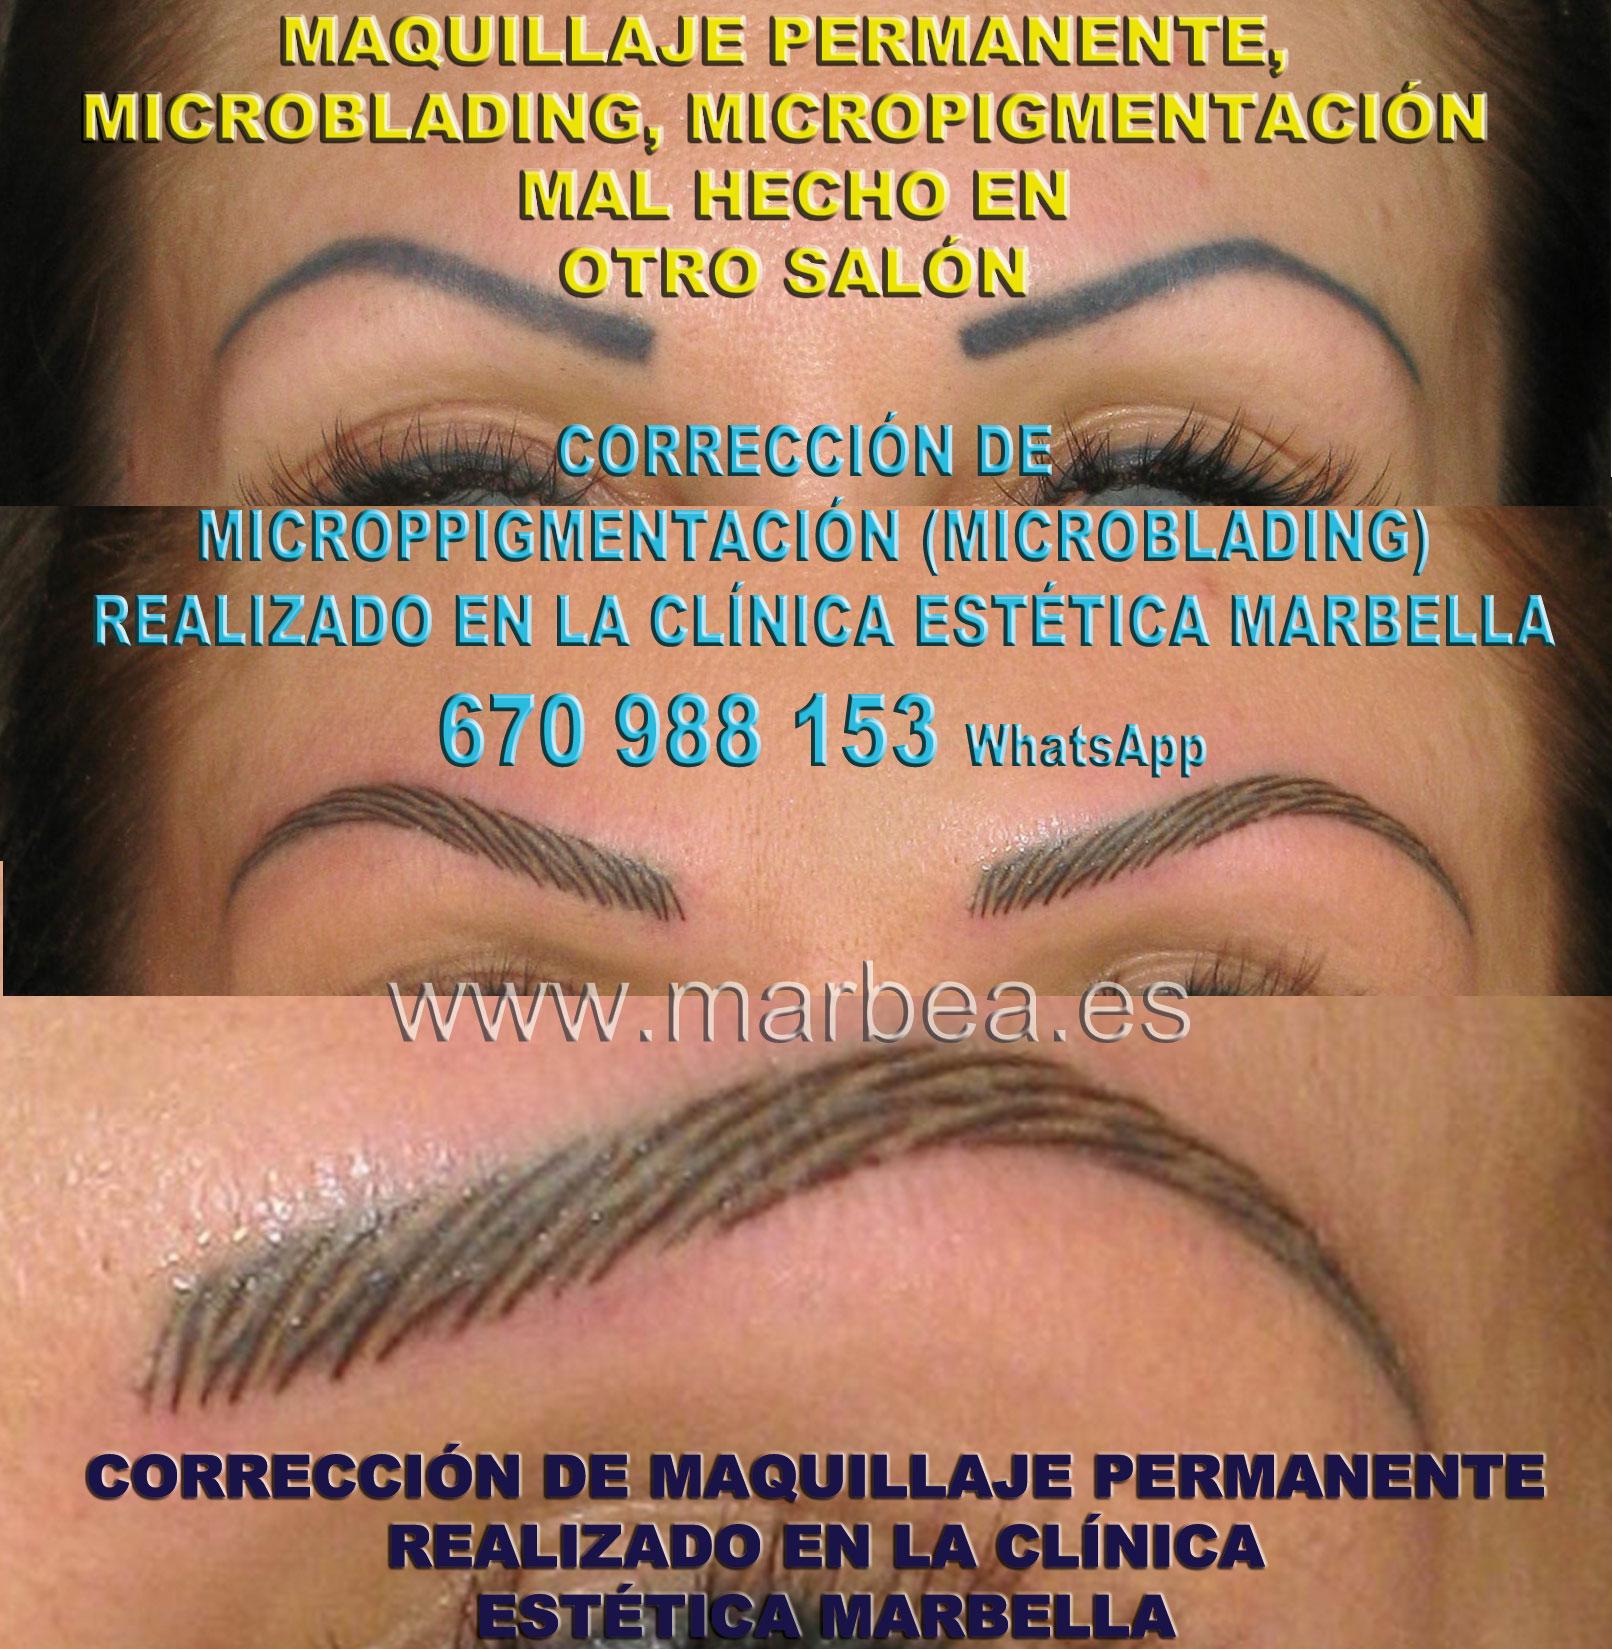 MAQUILLAJE PERMANENTE CEJAS MAL HECHO clínica estética micropigmentación propone micropigmentacion correctiva de cejas,corregir micropigmentación no deseada